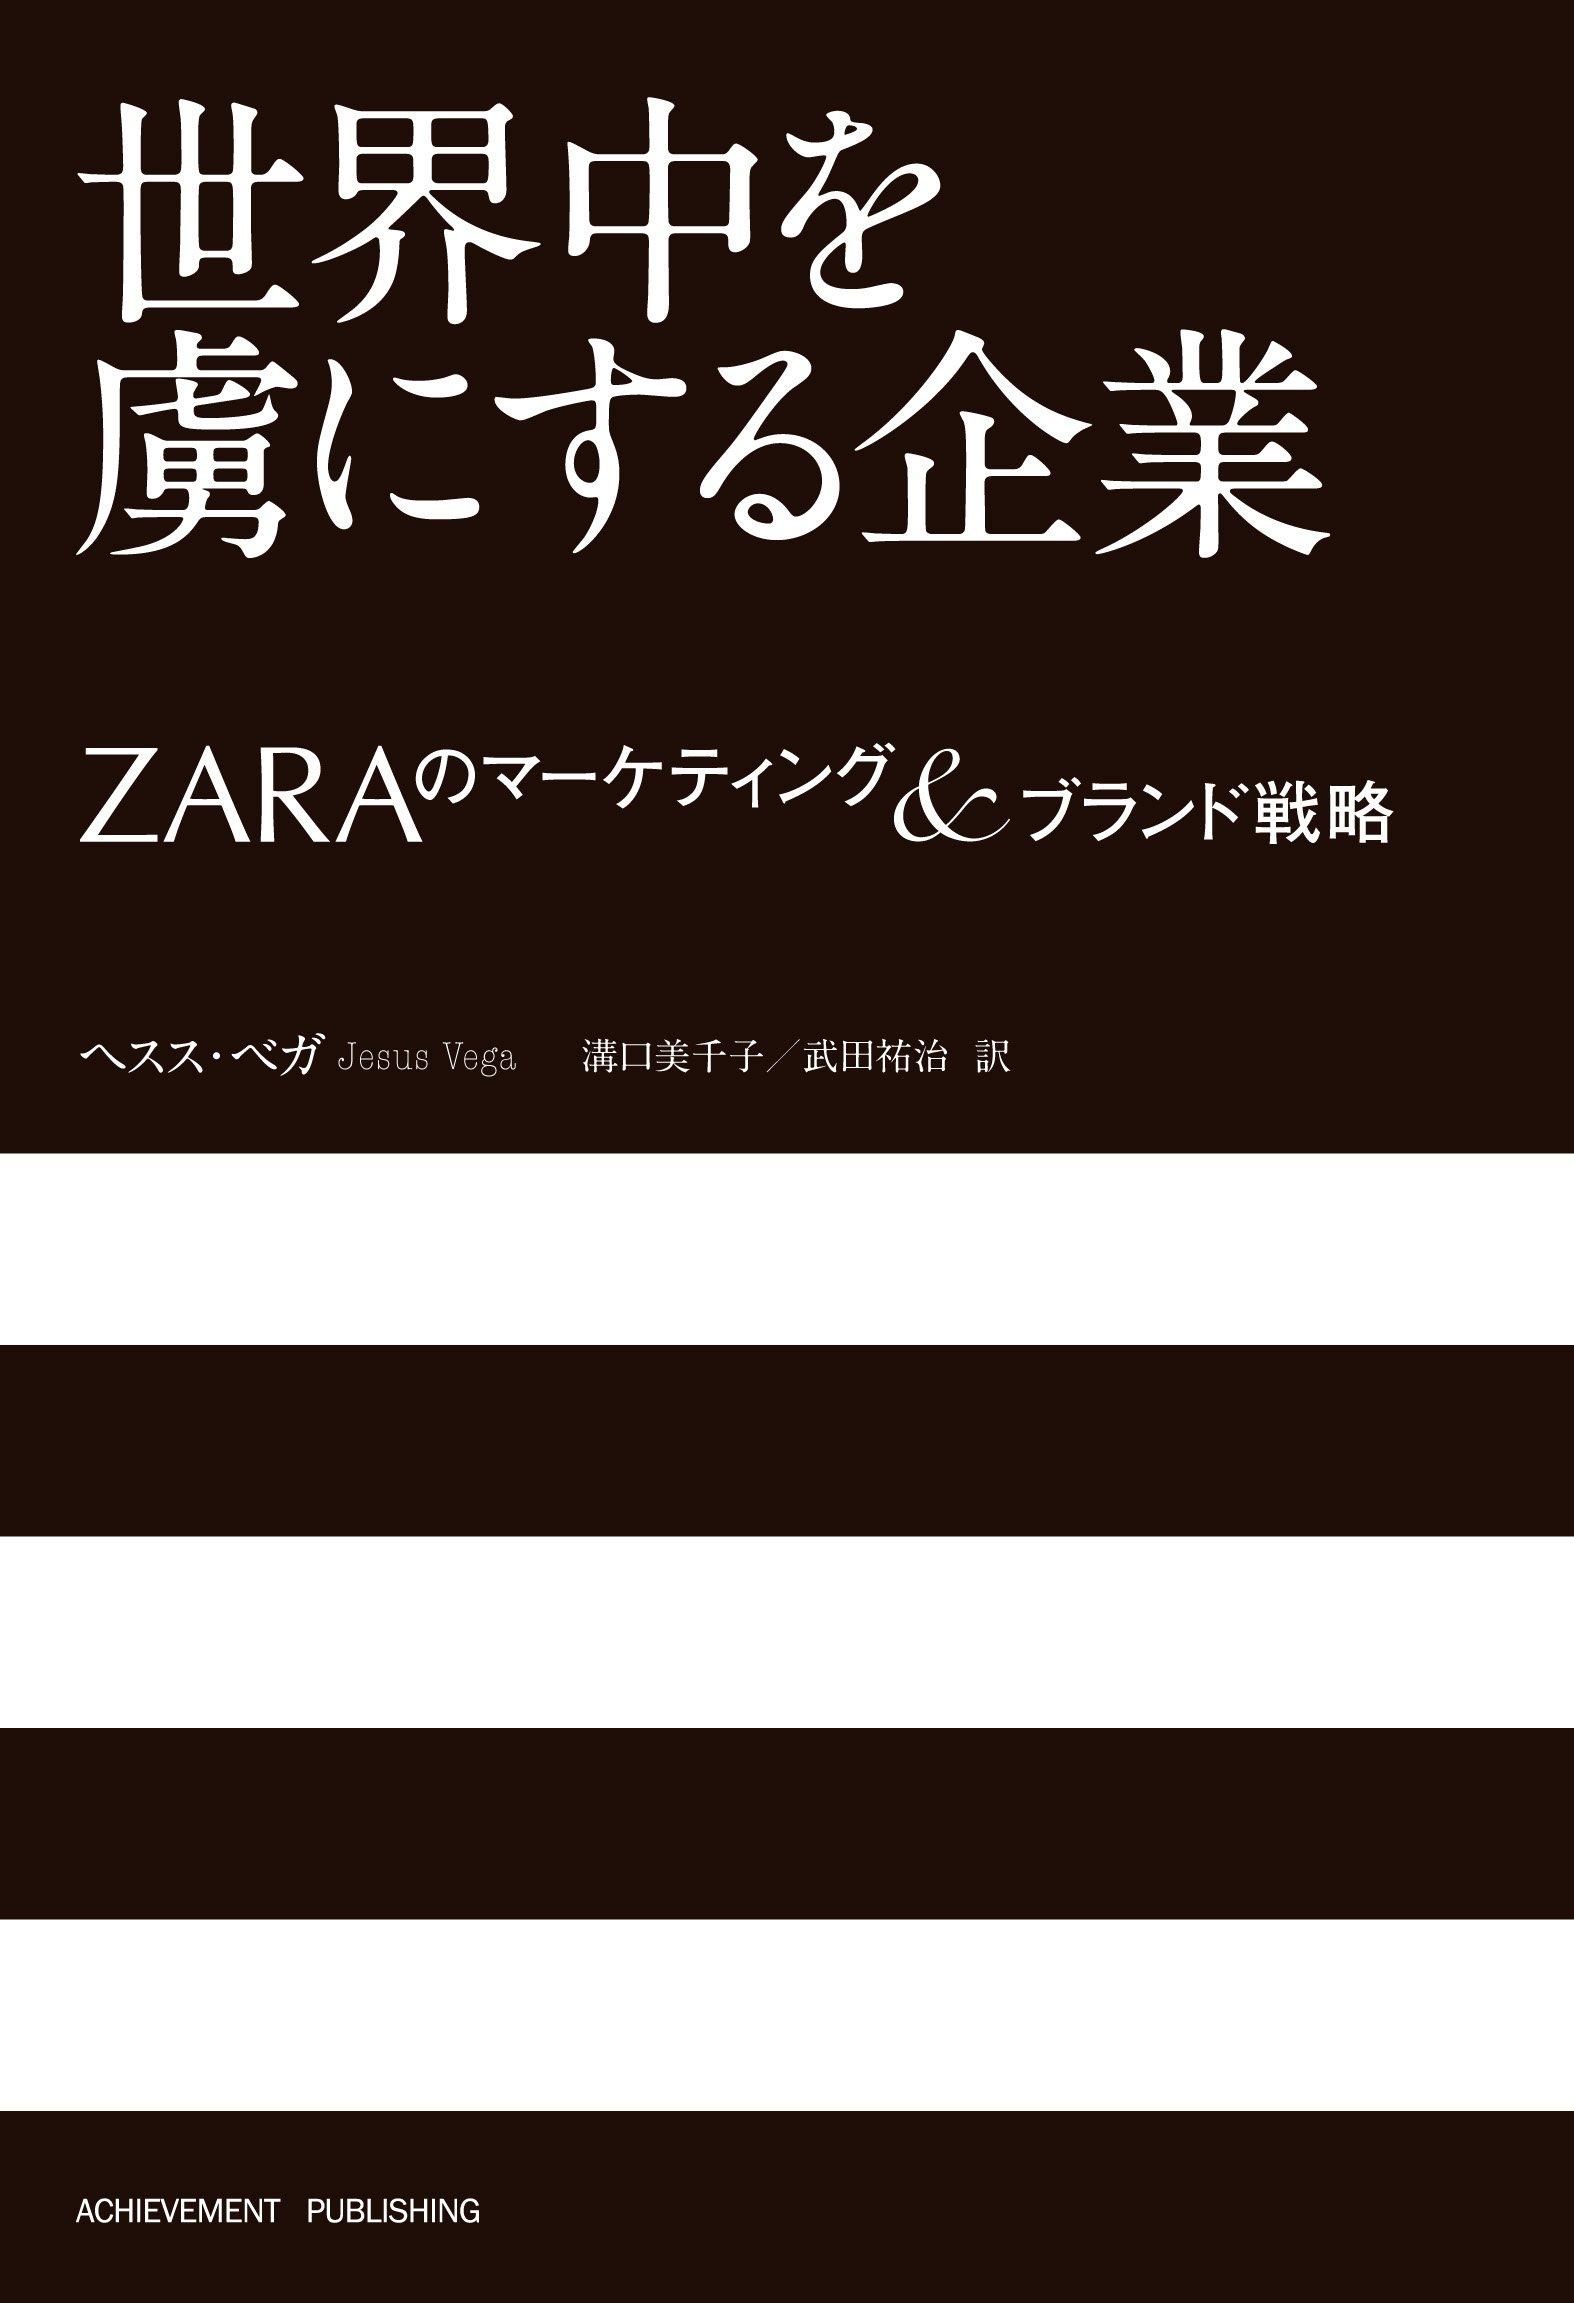 世界中を虜にする企業 ~ZARAのマーケティング&ブランド戦略~の画像1